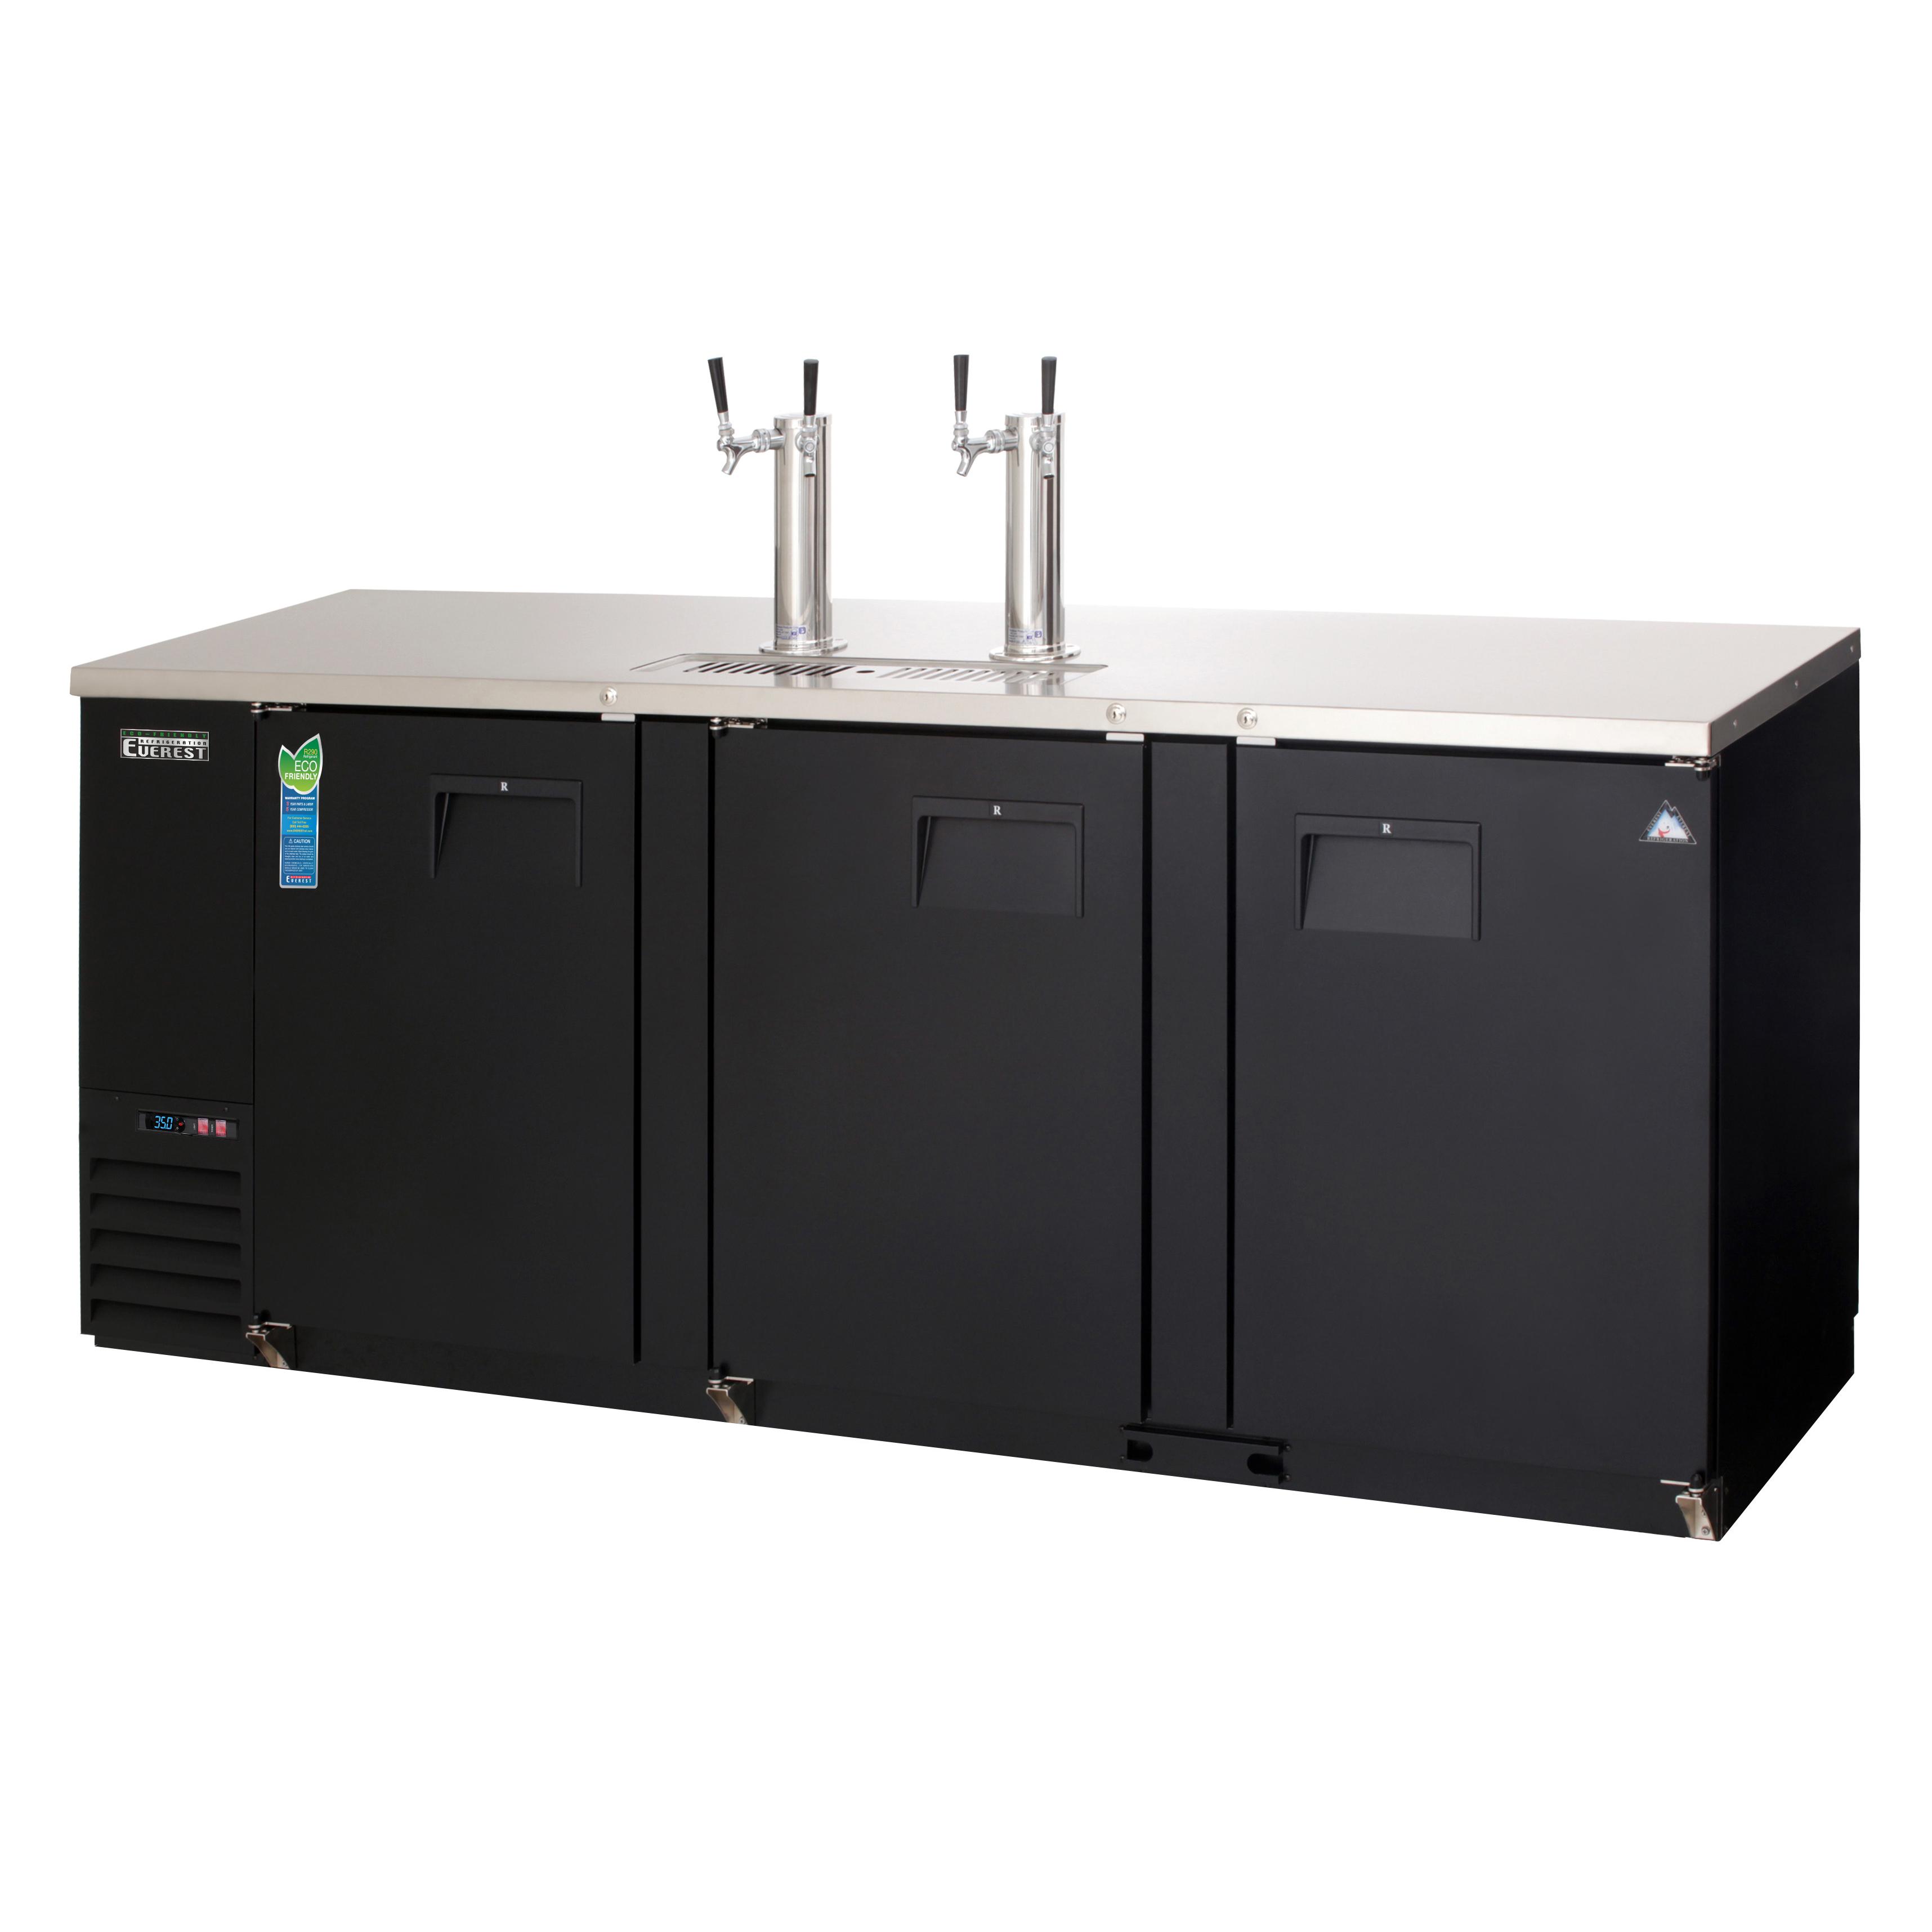 Everest Refrigeration EBD4-24 draft beer cooler